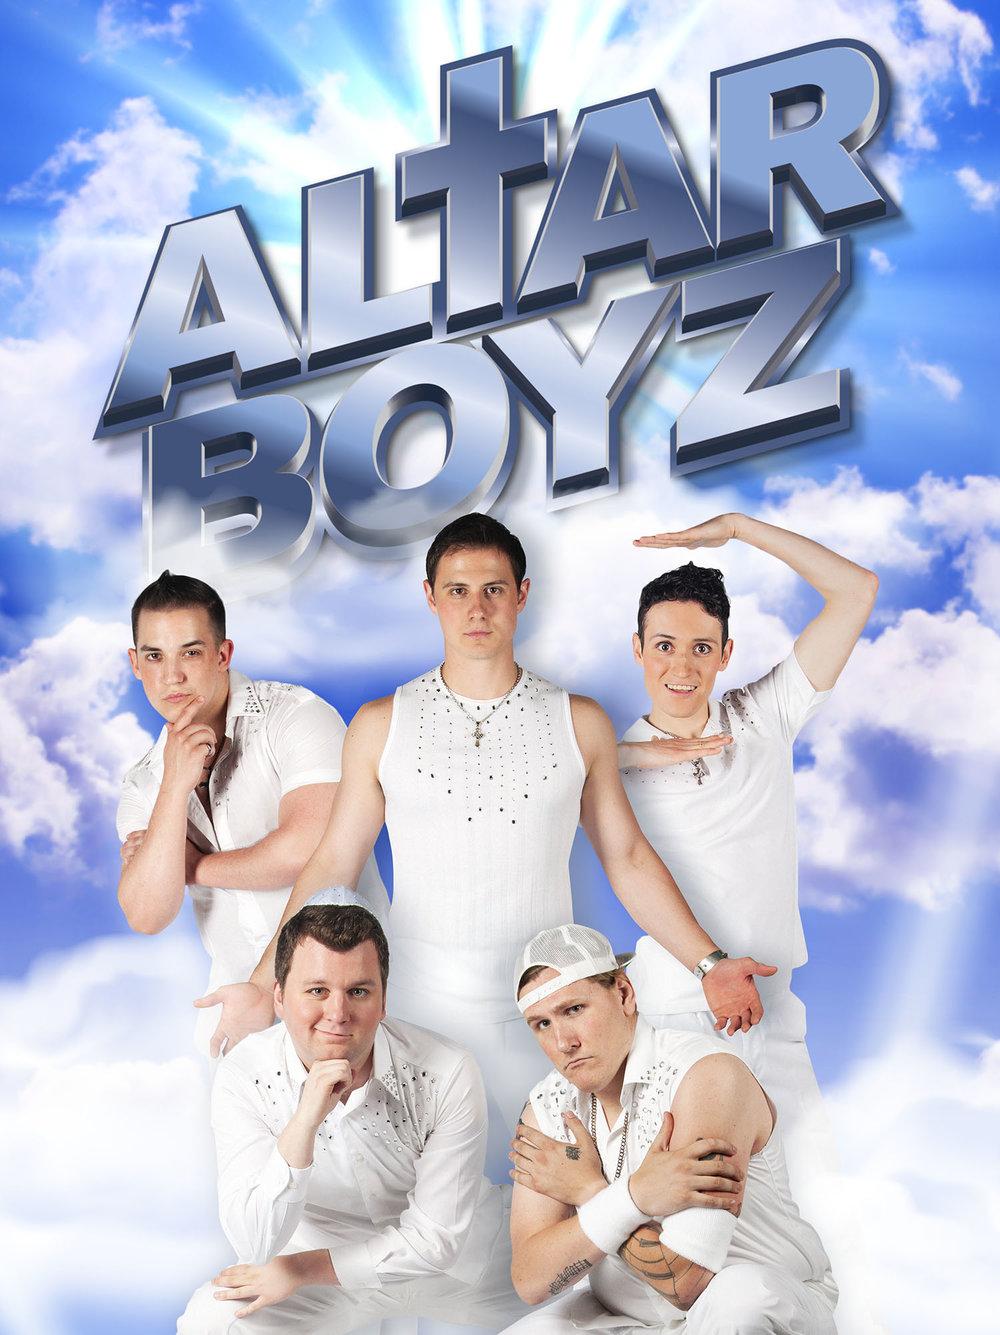 ASGT 18 Altar Boyz marquee_FA copy.jpg